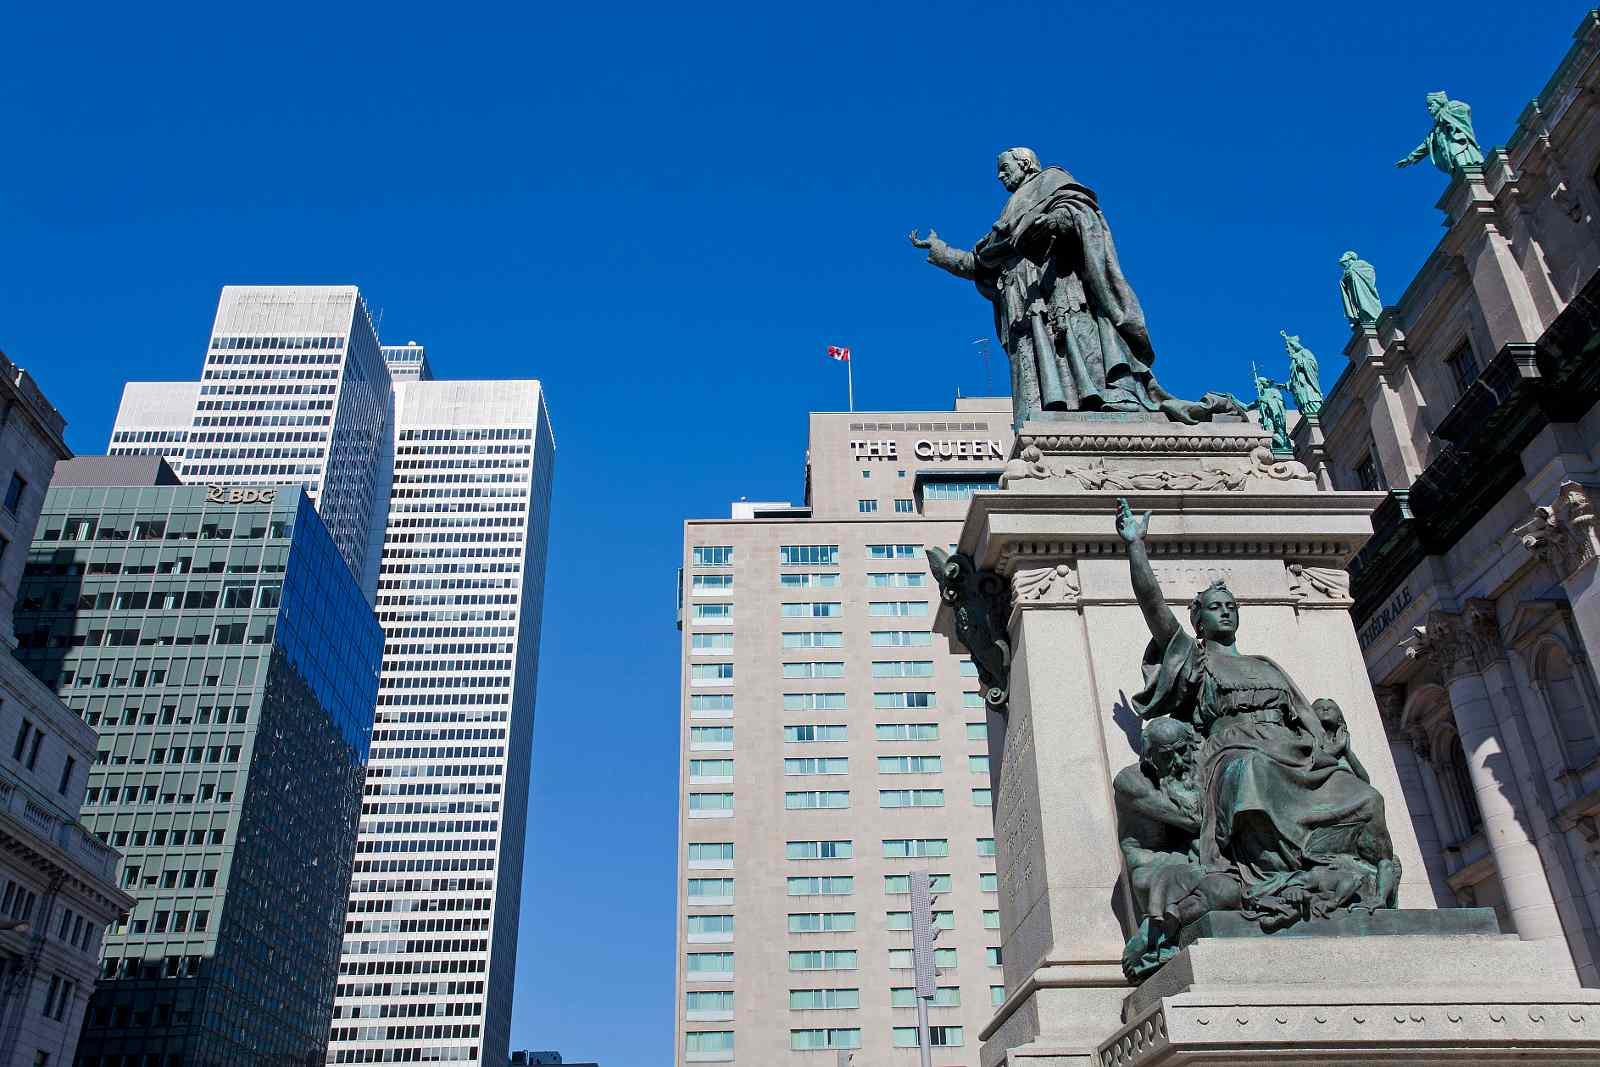 Los destinos de té alto de Montreal incluyen Fairmount Queen Elizabeth